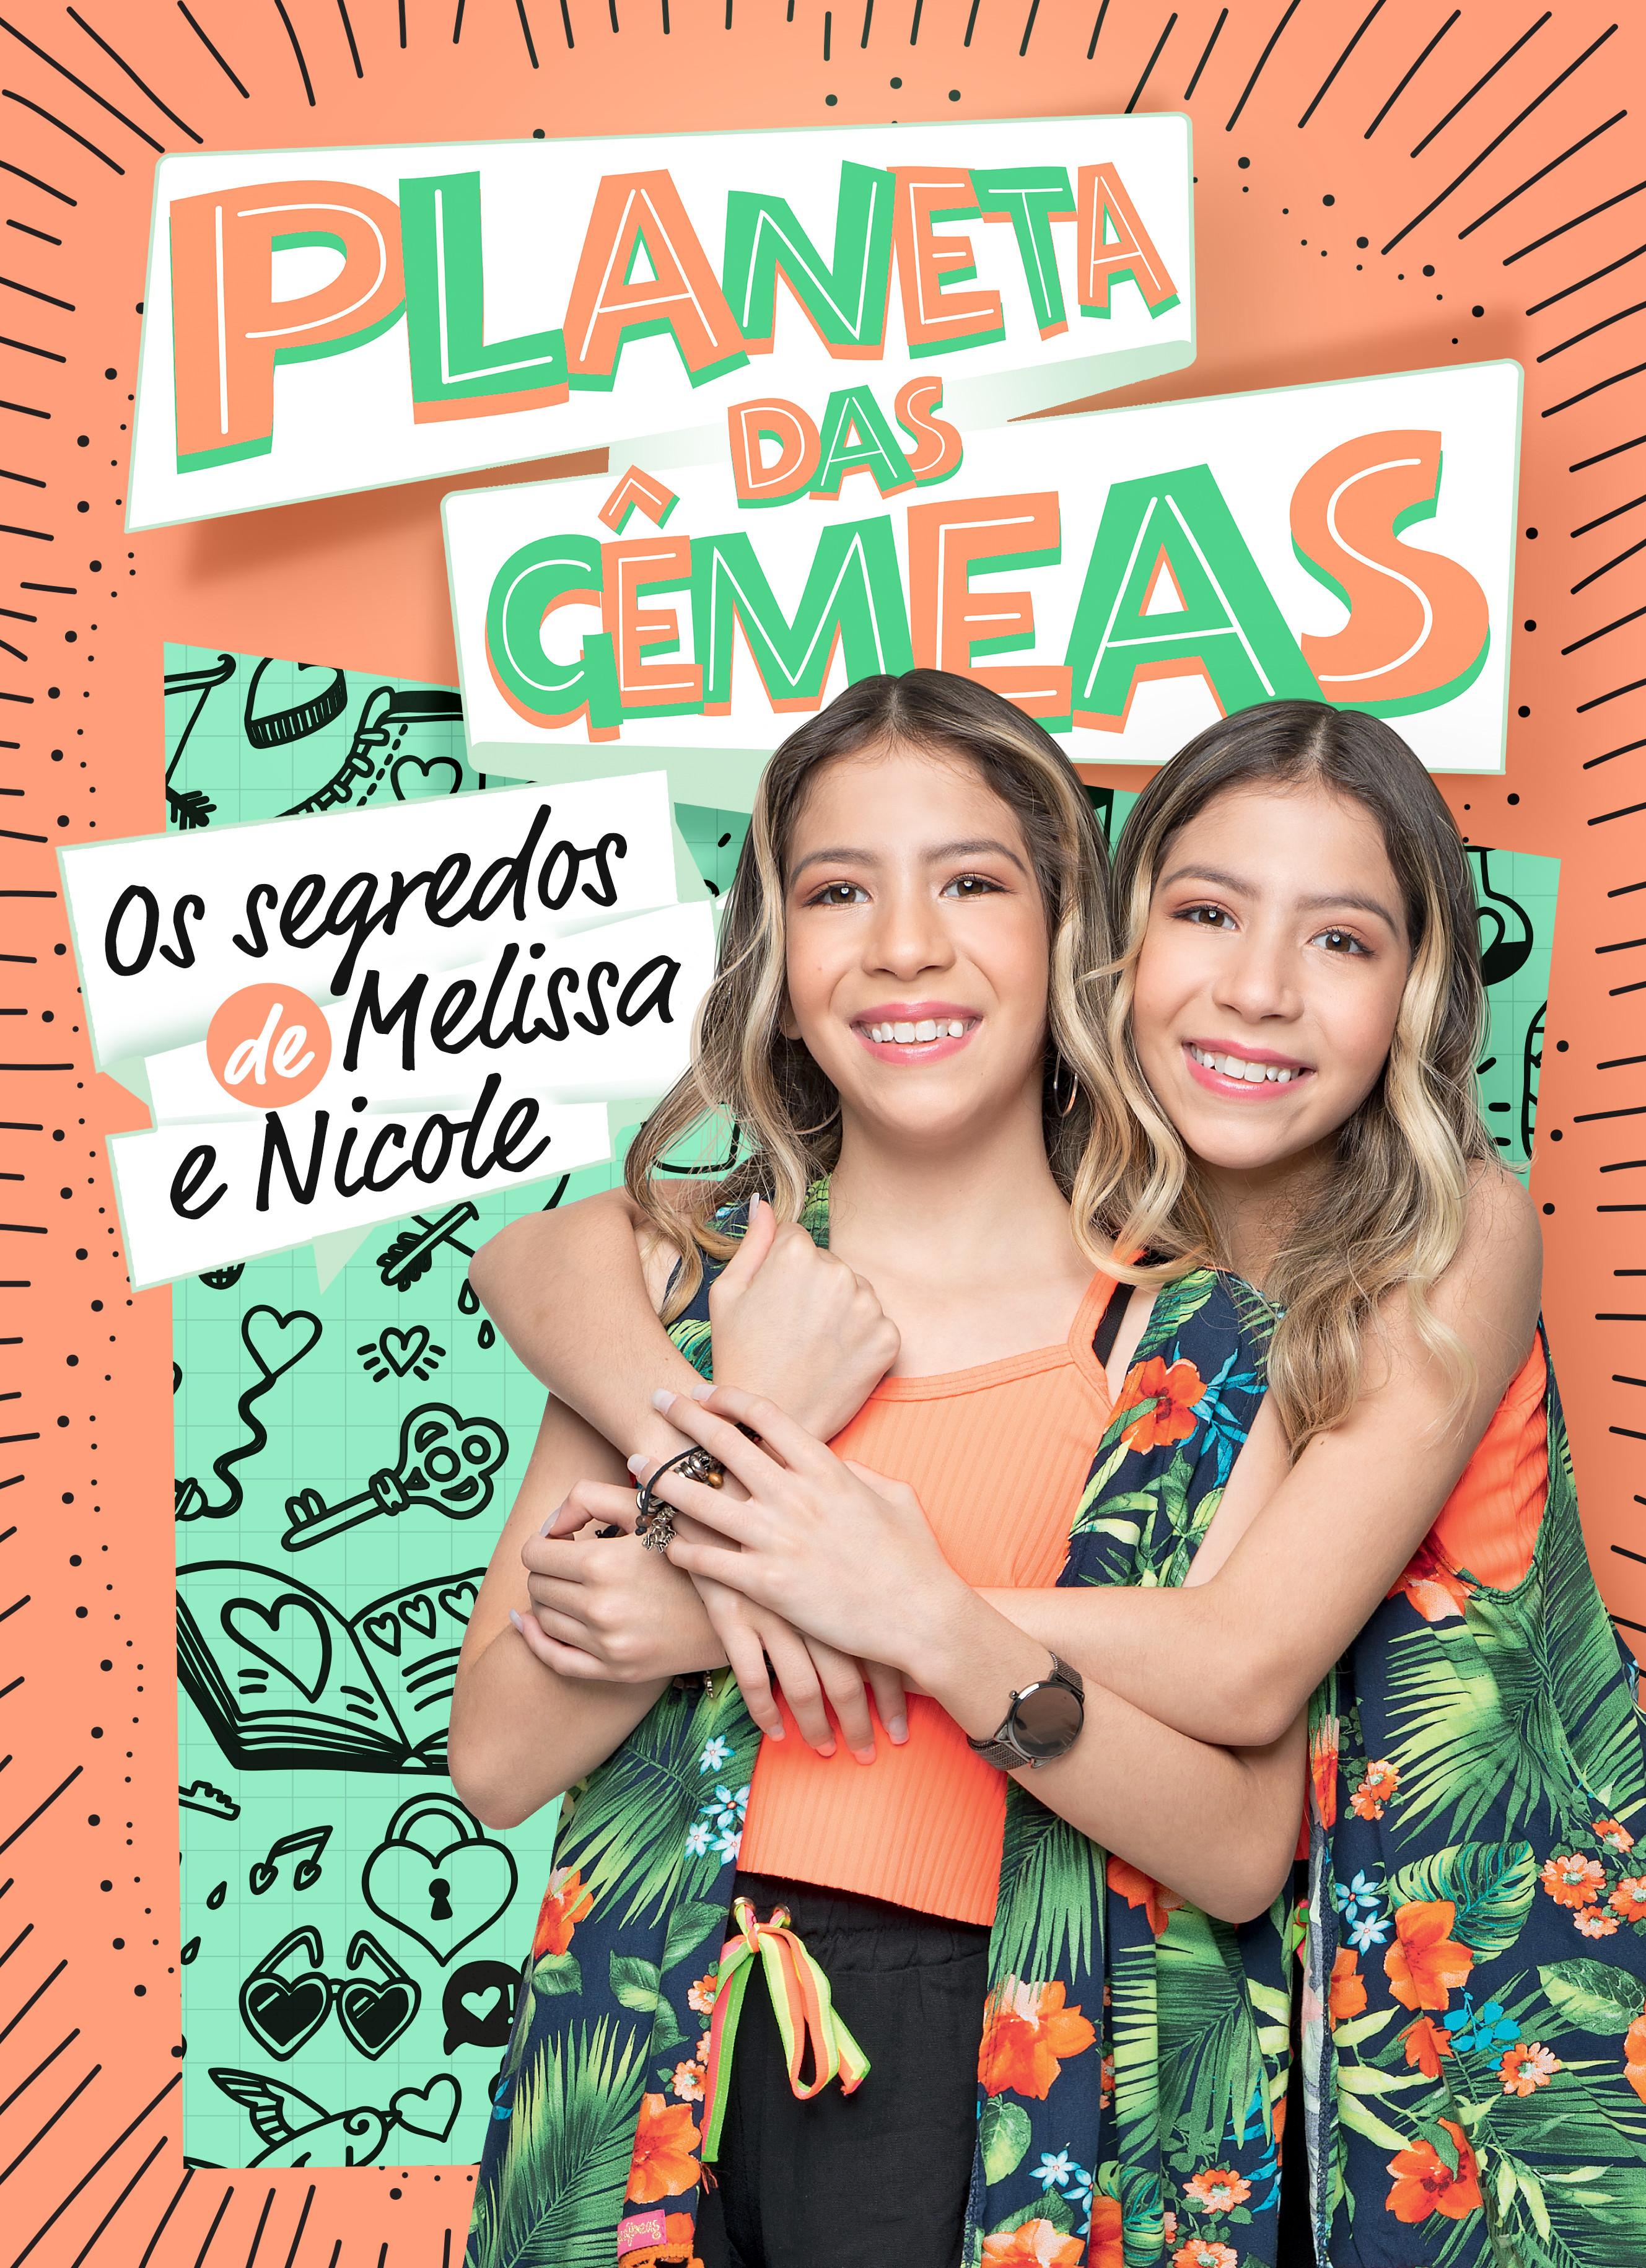 PLANETA DAS GEMEAS - OS SEGREDOS DE MELISSA E NICOLE